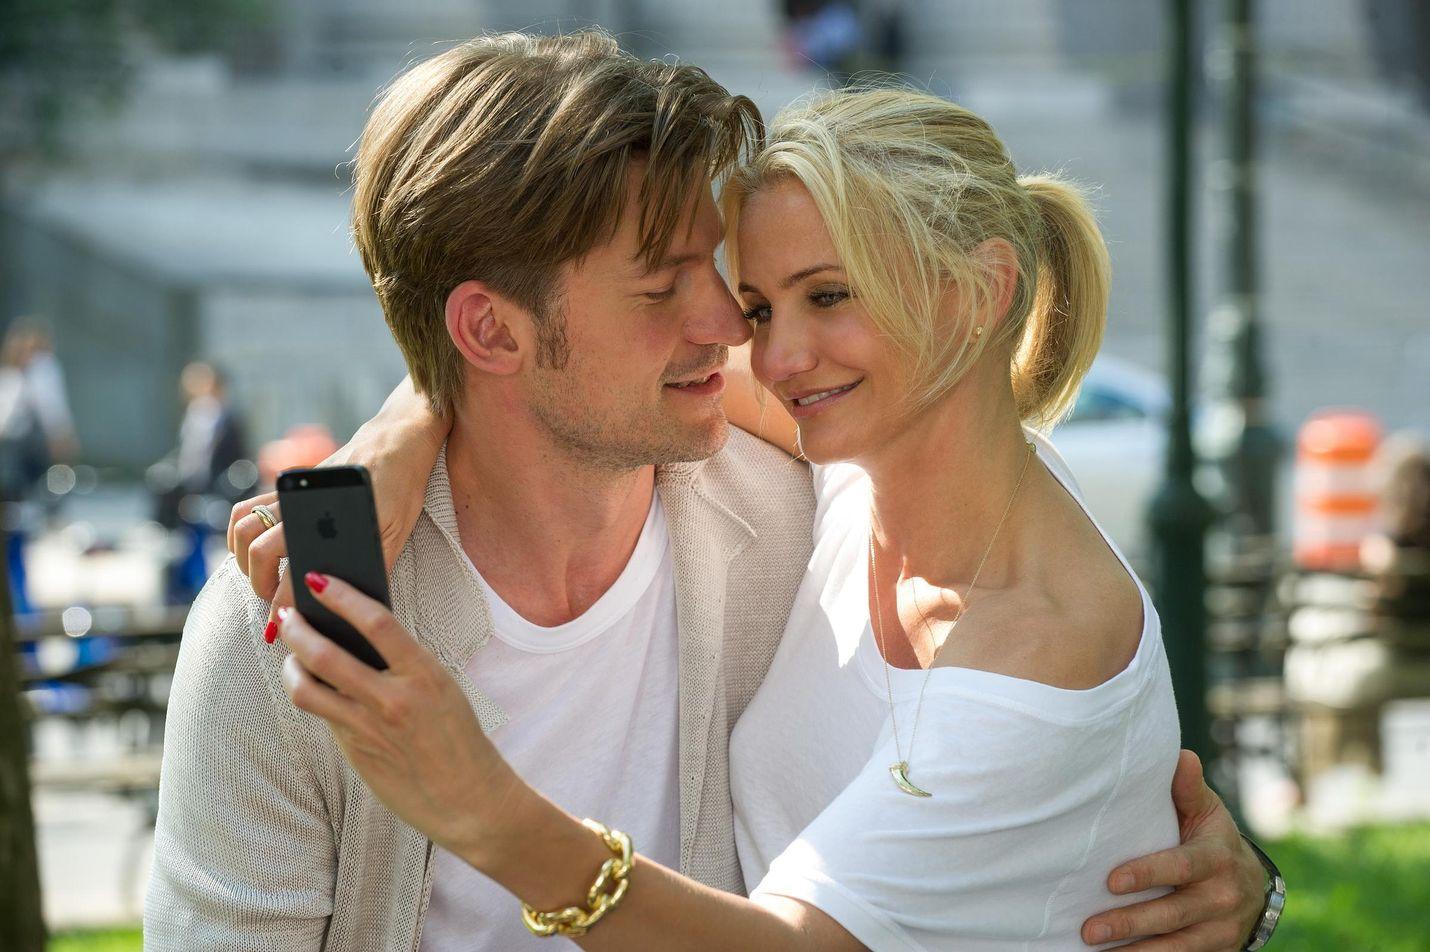 Komediassa Cameron Diazin esittämä lakinainen Carly kuvittelee löytäneensä elämänsä miehen, Markin, kunnes hän sattumalta saa tietää tämän olevan ukkomies.